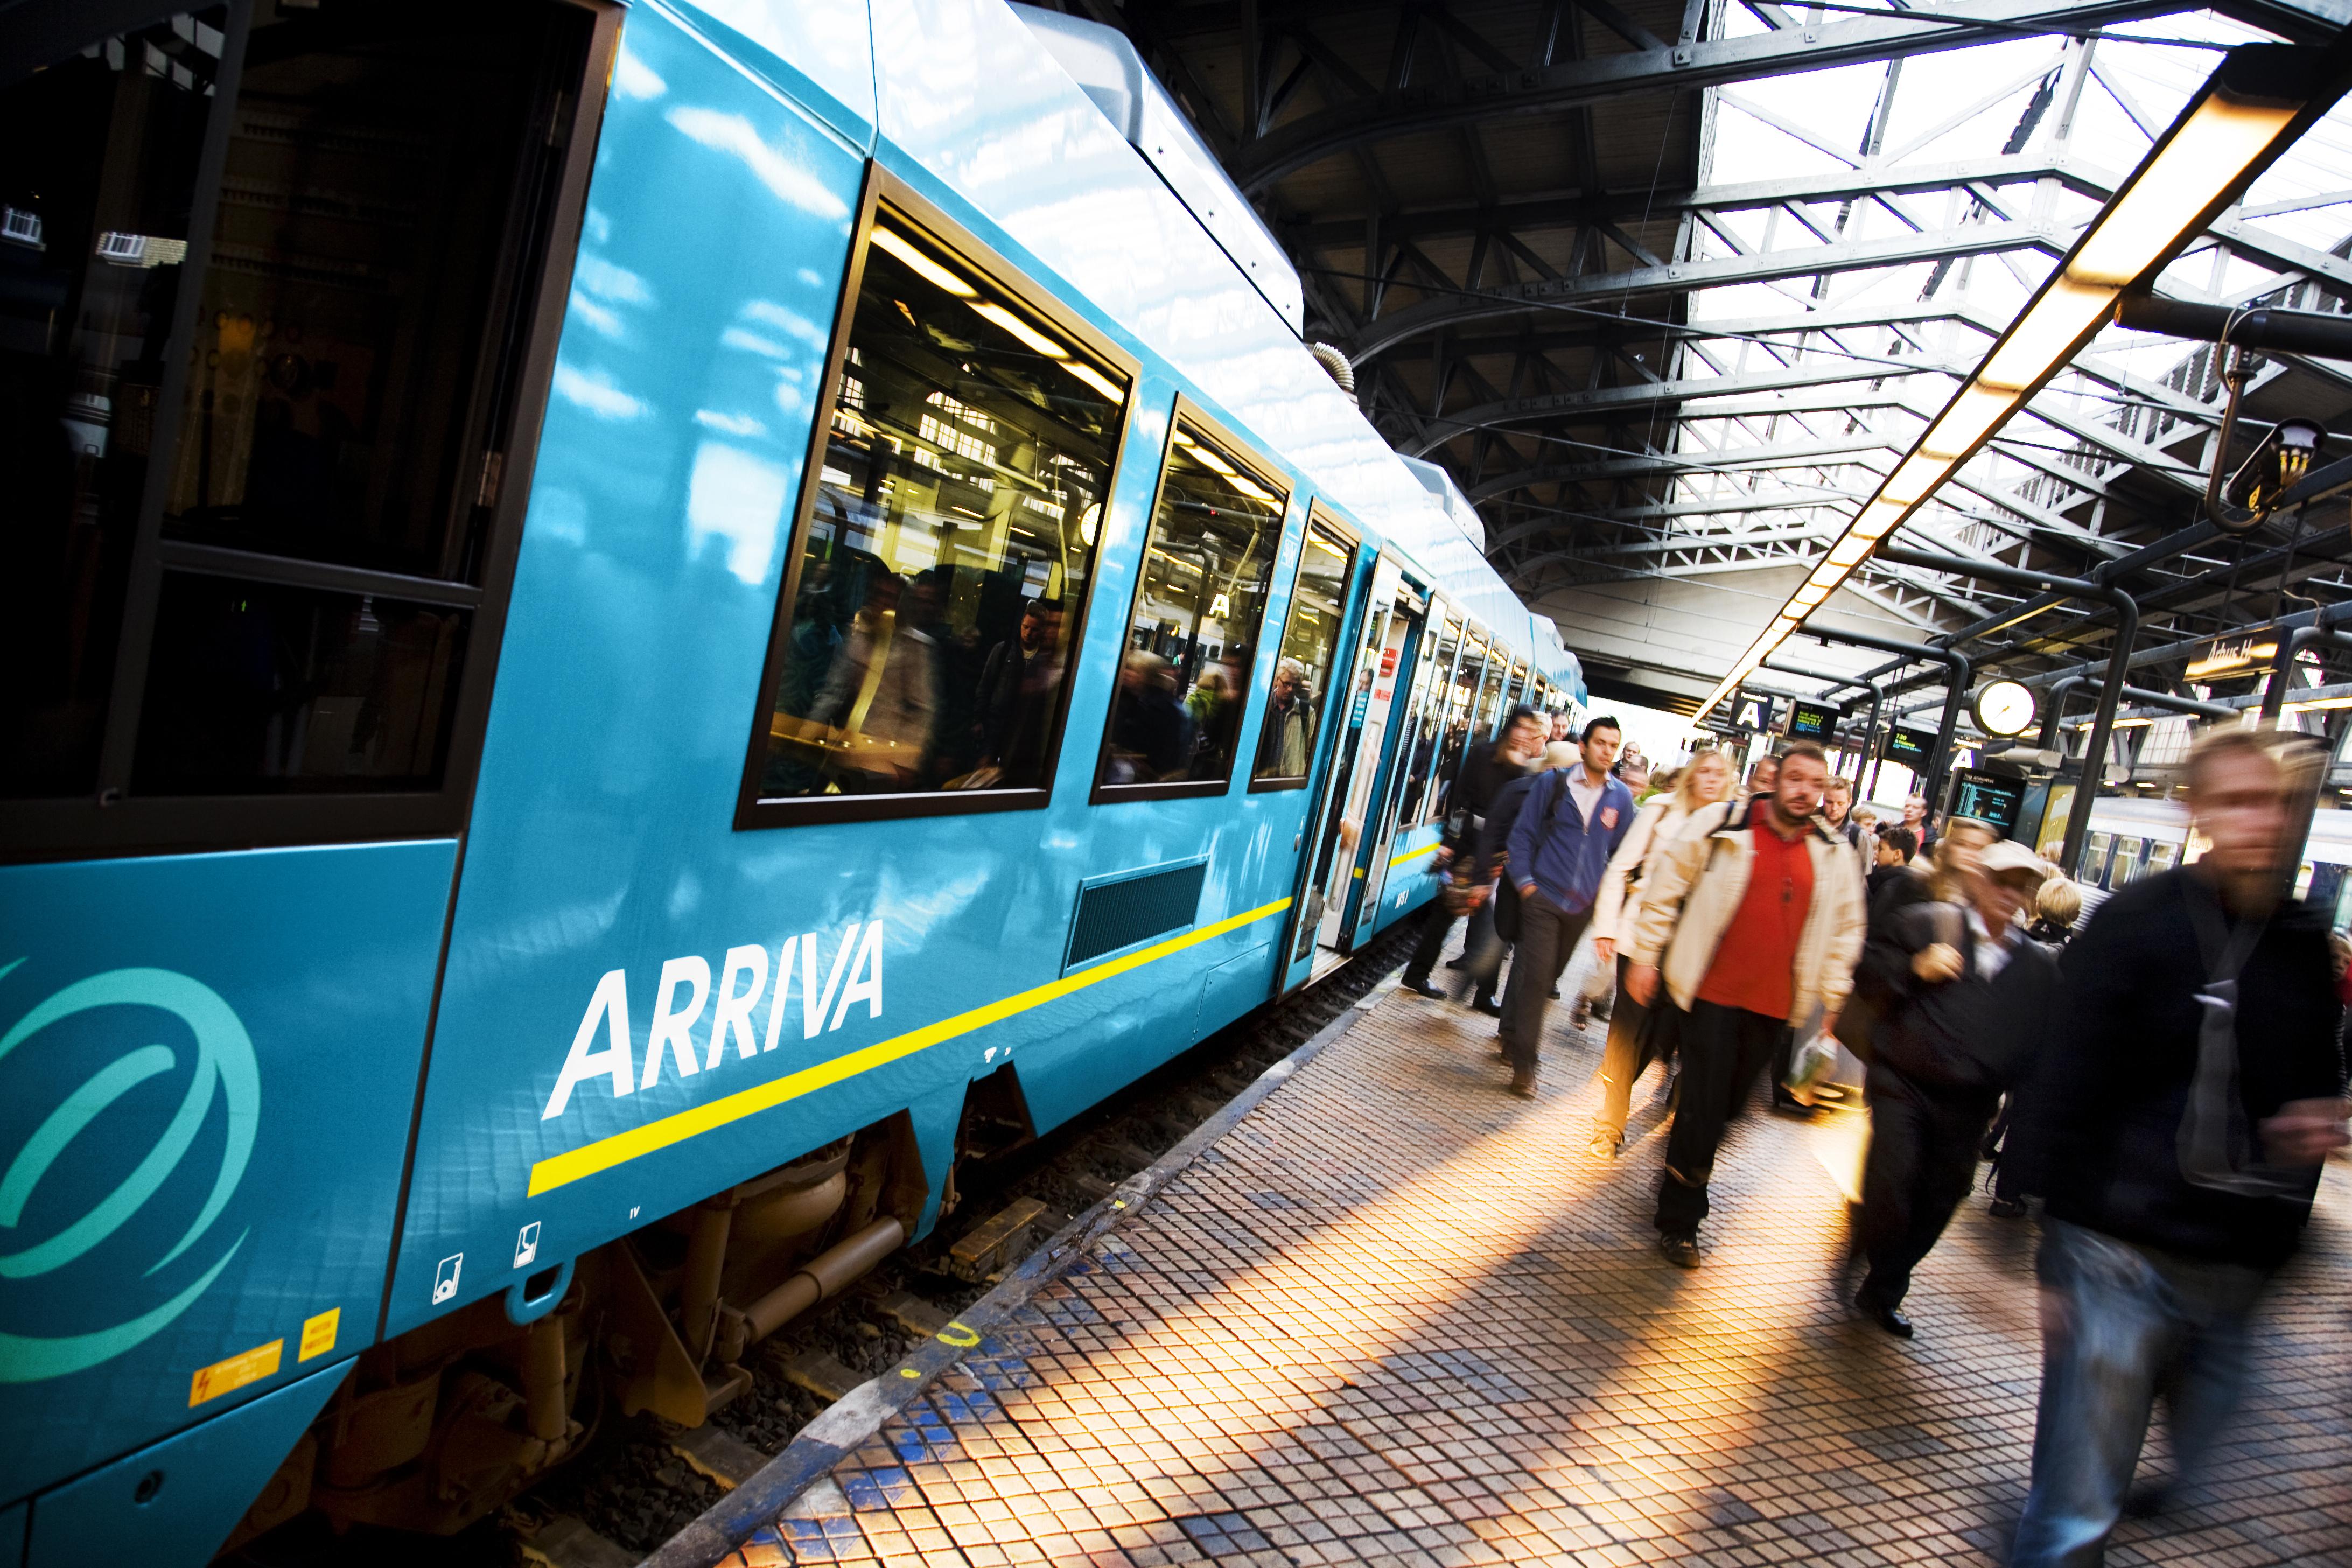 Når Arrivas nye kontrakt har driftsstart i december 2020 vil selskabet fortsat køre med sine blå Lint-tog. Herudover vil Arriva overtage 20 Desiro-tog fra Staten og DSB. Foto: Arriva.